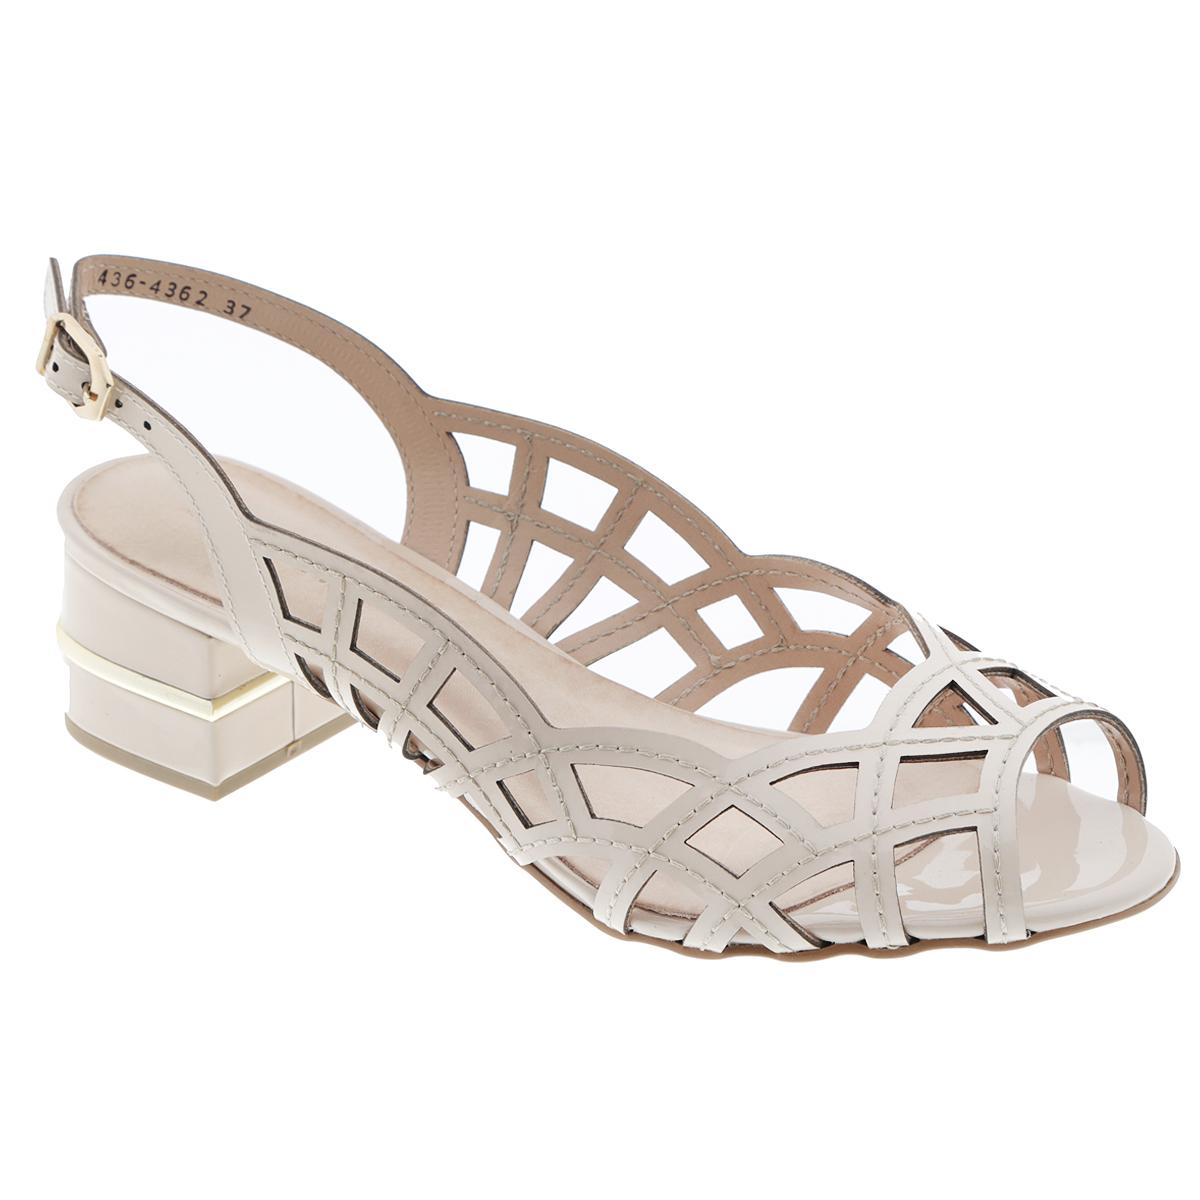 Босоножки. 436-4362436-4362Стильные босоножки от Miucha займут достойное место среди вашей коллекции летней обуви. Модель выполнена из натуральной лакированной кожи и оформлена крупной перфорацией. Открытый носок и задник обеспечивают дополнительную вентиляцию, позволяют ногам дышать. Ремешок с металлической пряжкой оригинальной формы отвечает за надежную фиксацию модели на ноге. Длина ремешка регулируется за счет болта. Стелька из натуральной кожи гарантирует комфорт при ходьбе. Средняя часть каблука декорирована по контуру золотистой пластиной. Рифление на каблуке и на подошве защищает изделие от скольжения. Прелестные босоножки очаруют вас своим дизайном с первого взгляда.